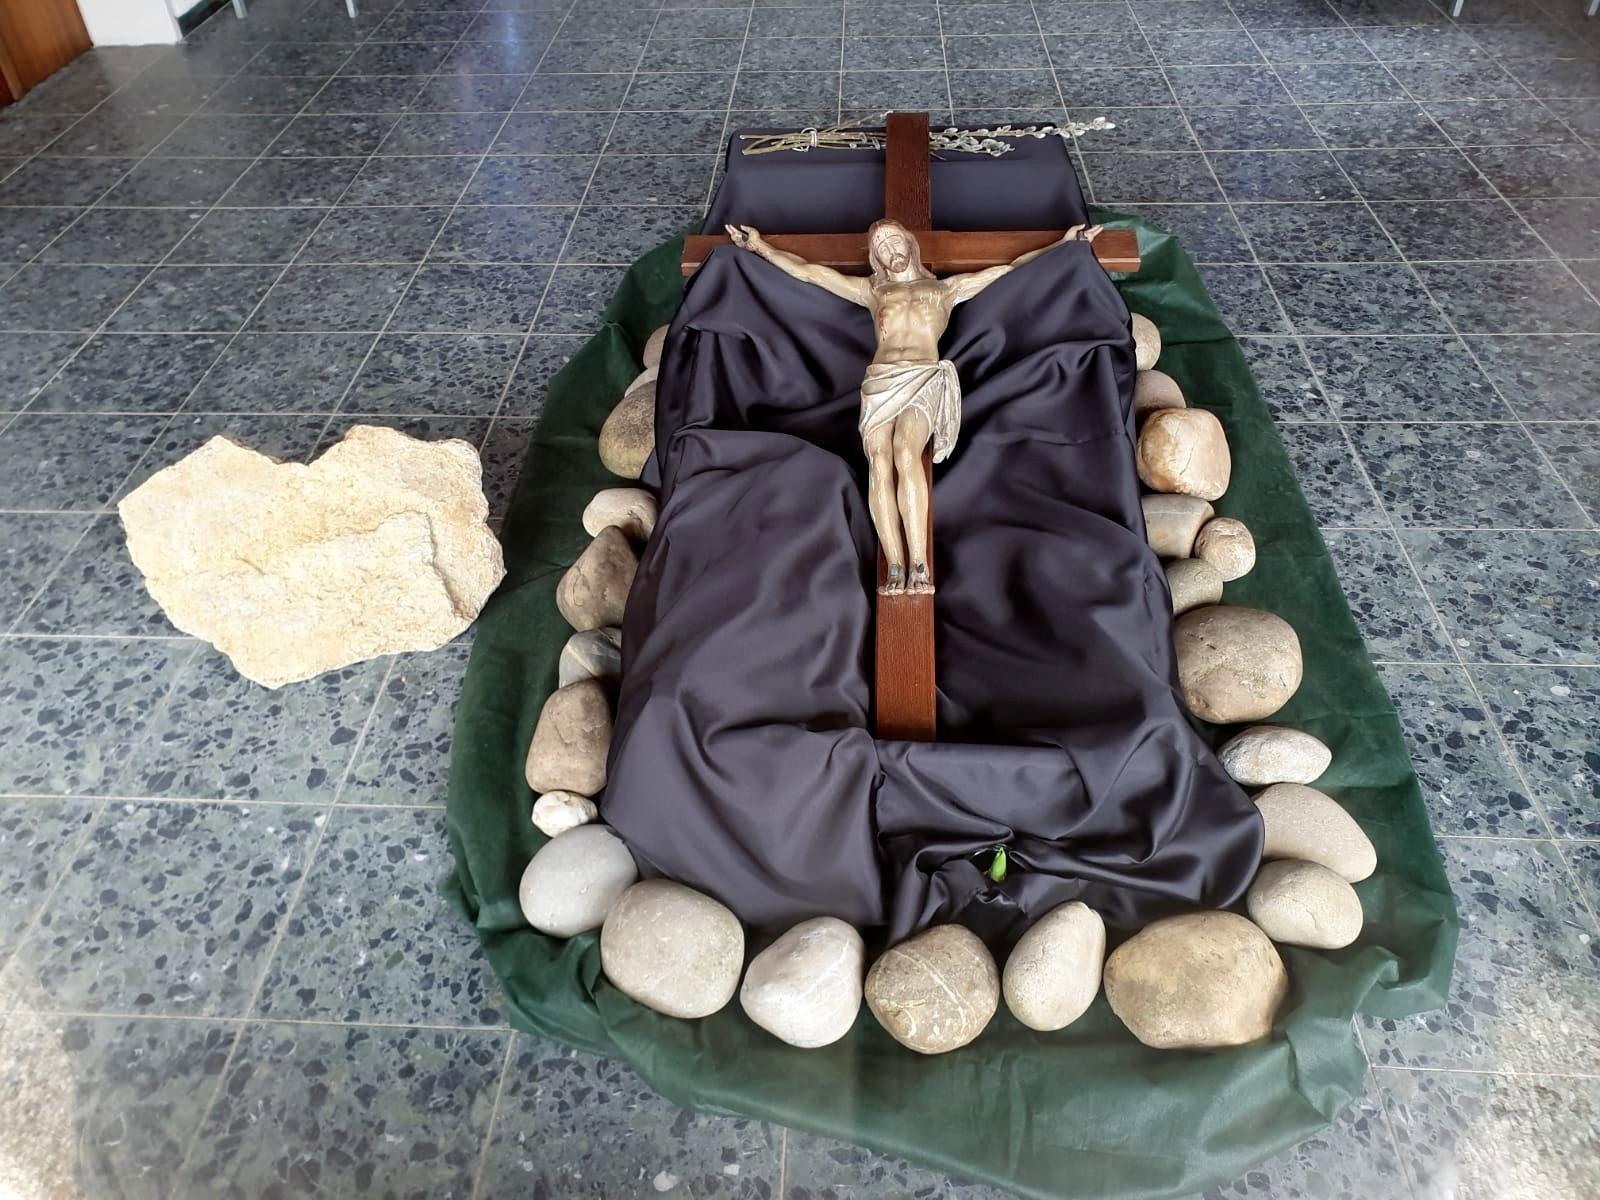 XIV. Station: Der heilige Leichnam Jesu wird in das Grab gelegt